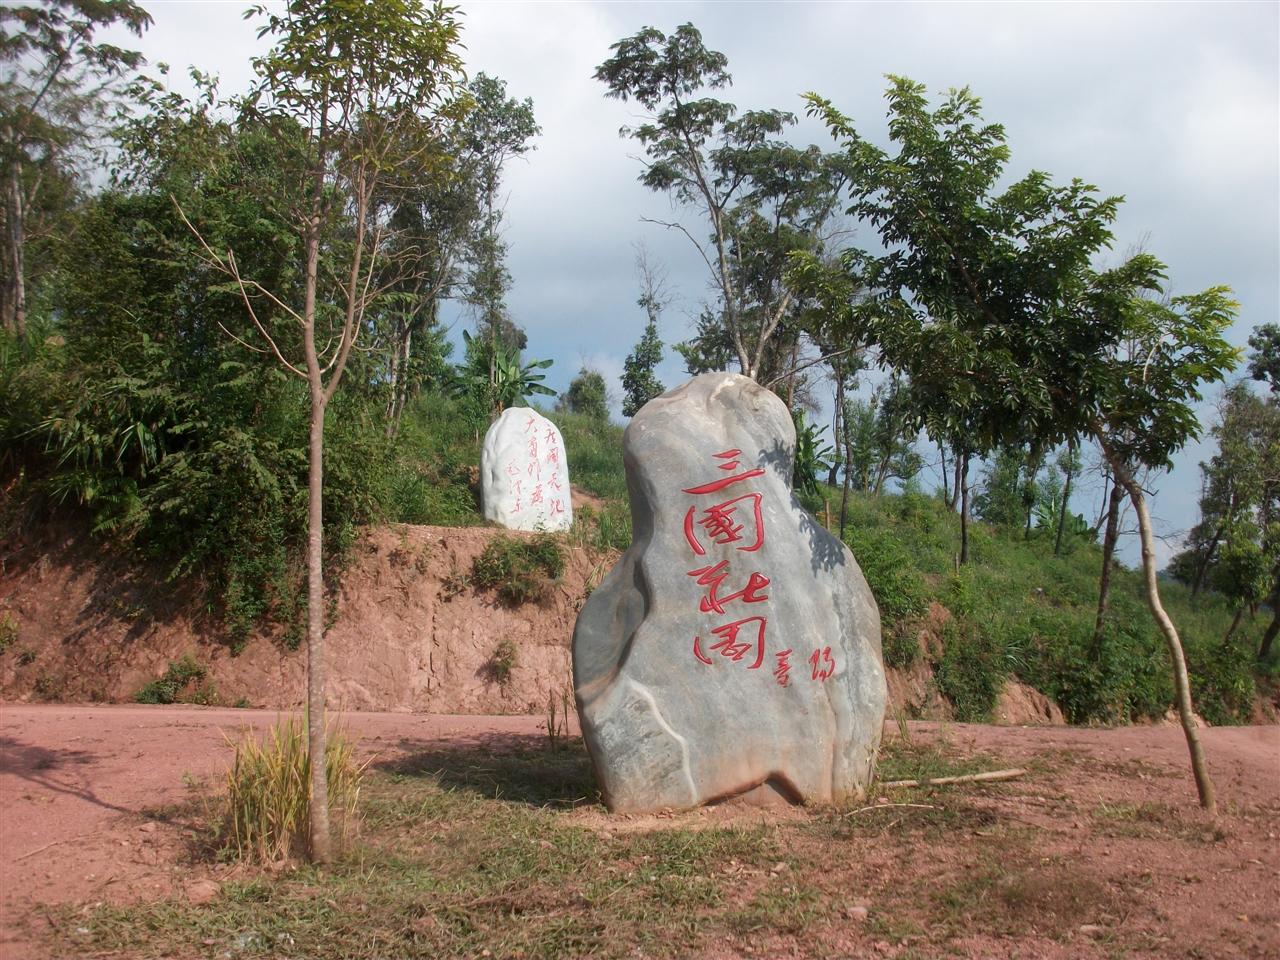 風情三國 妙曼莊園——云南普洱三國莊園巡禮